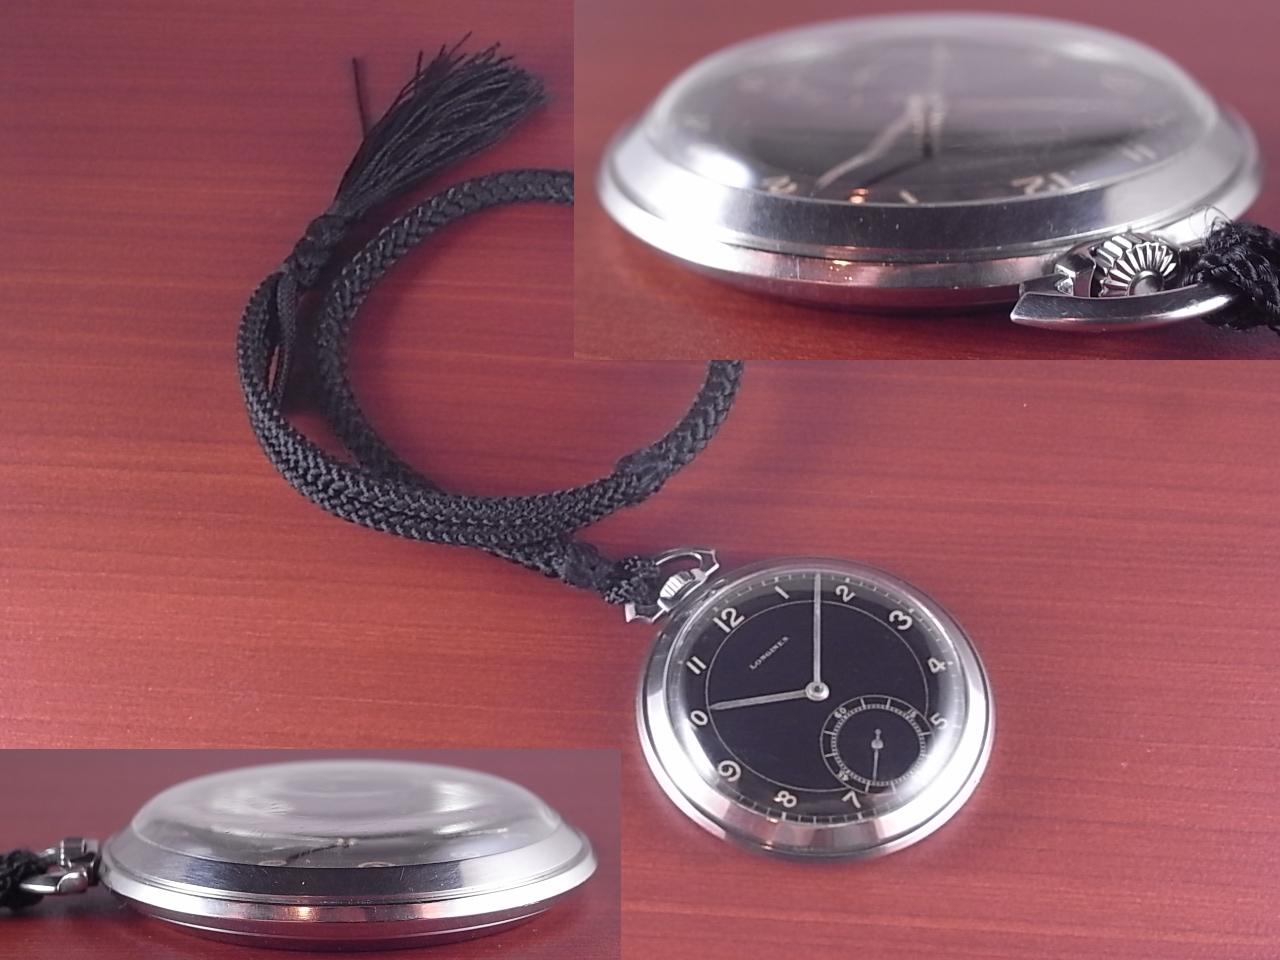 ロンジン ポケットウォッチ ブラックミラーダイアル 1930年代の写真3枚目